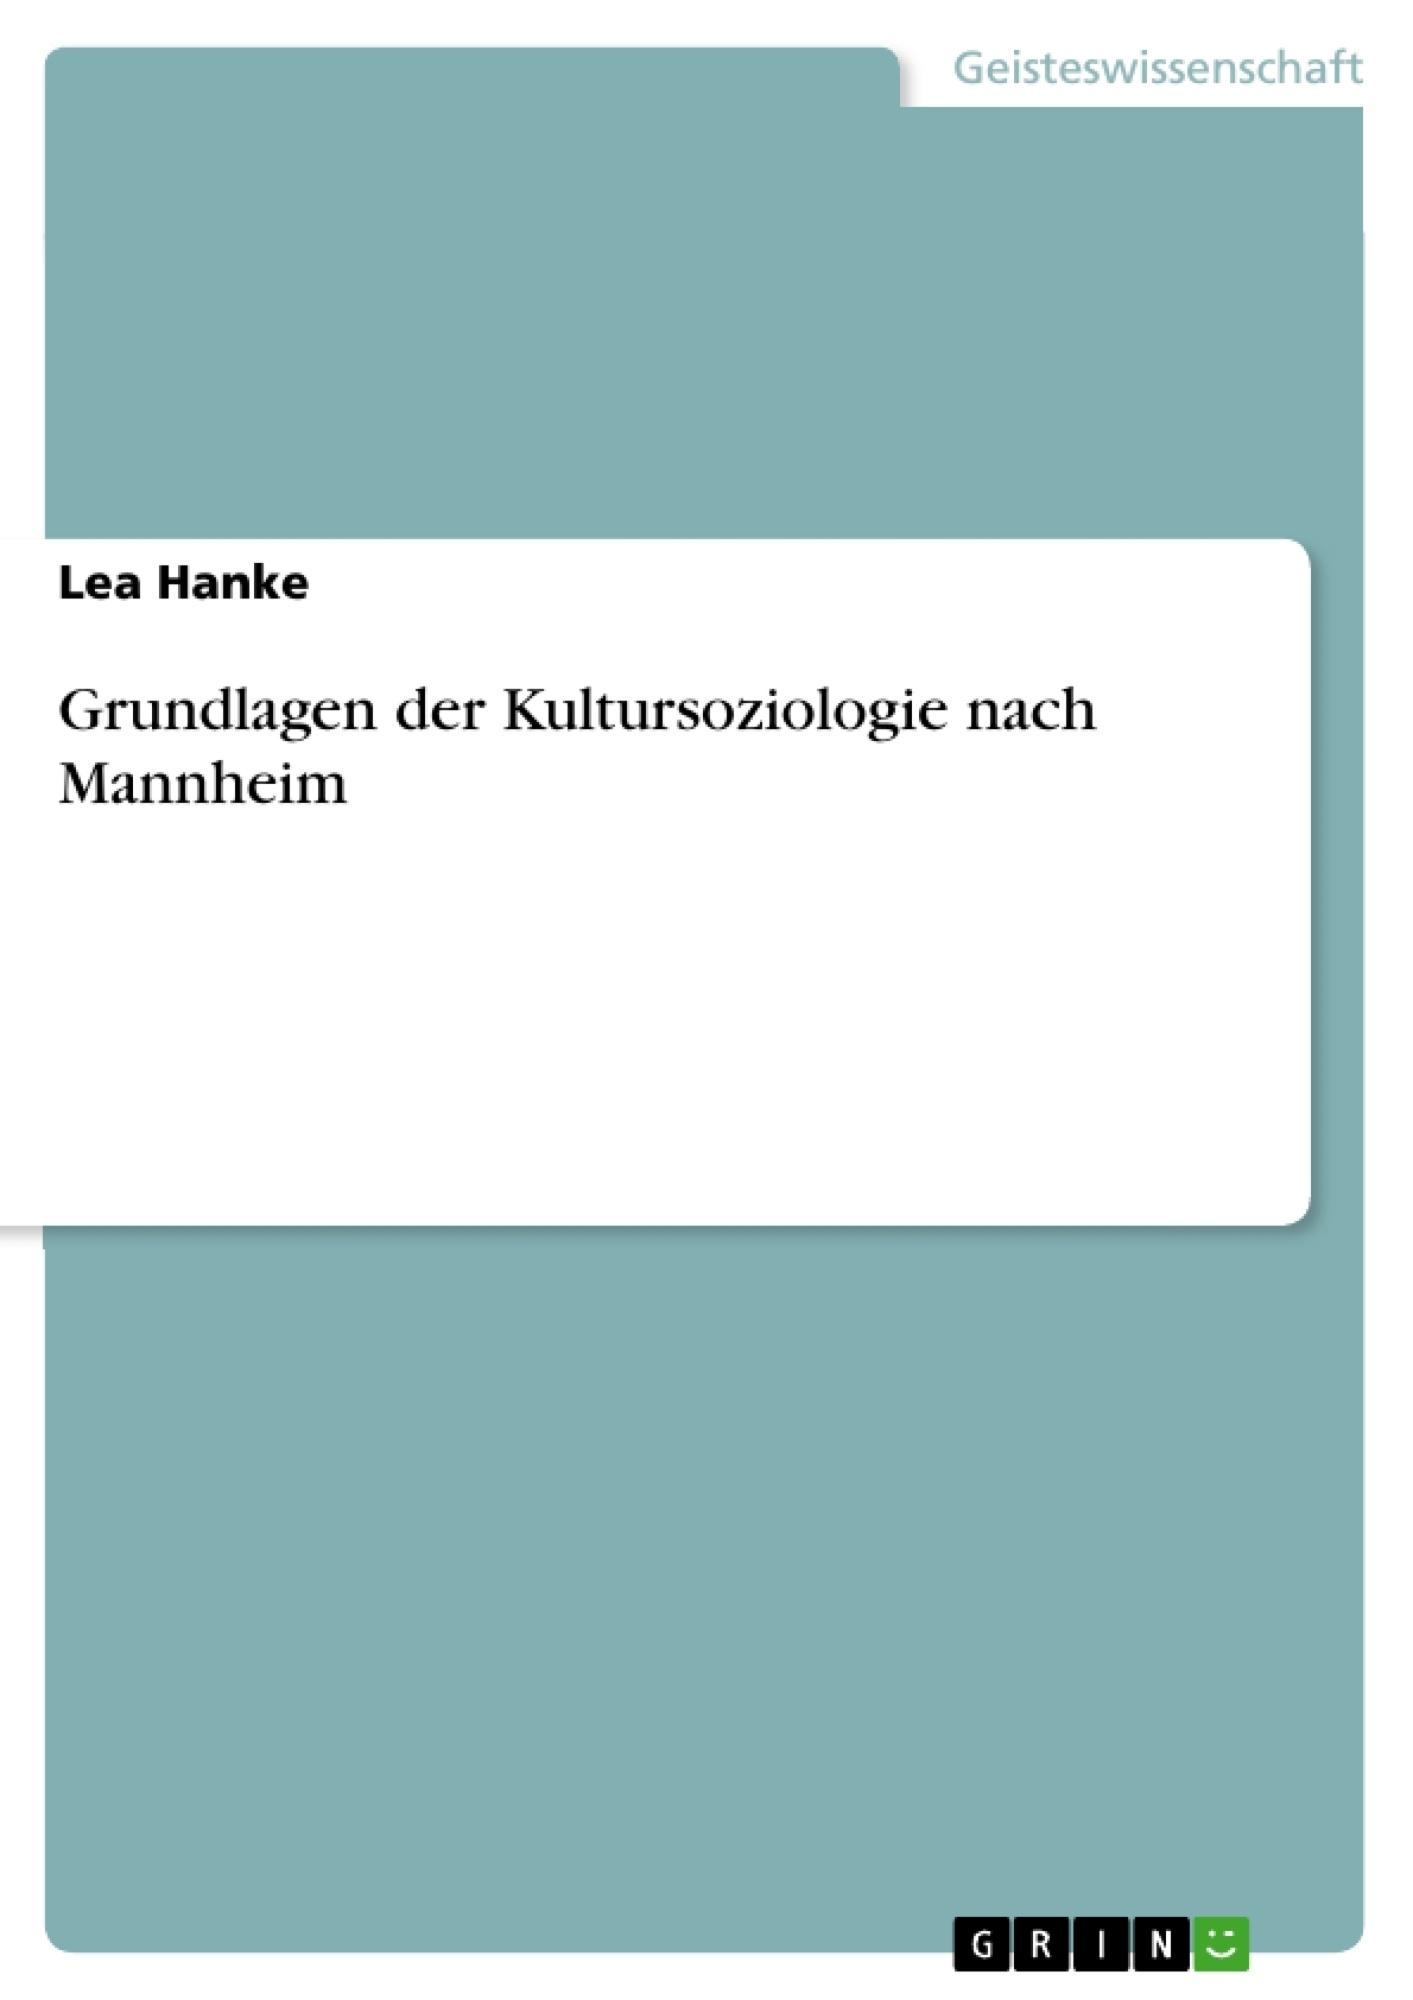 Titel: Grundlagen der Kultursoziologie nach Mannheim